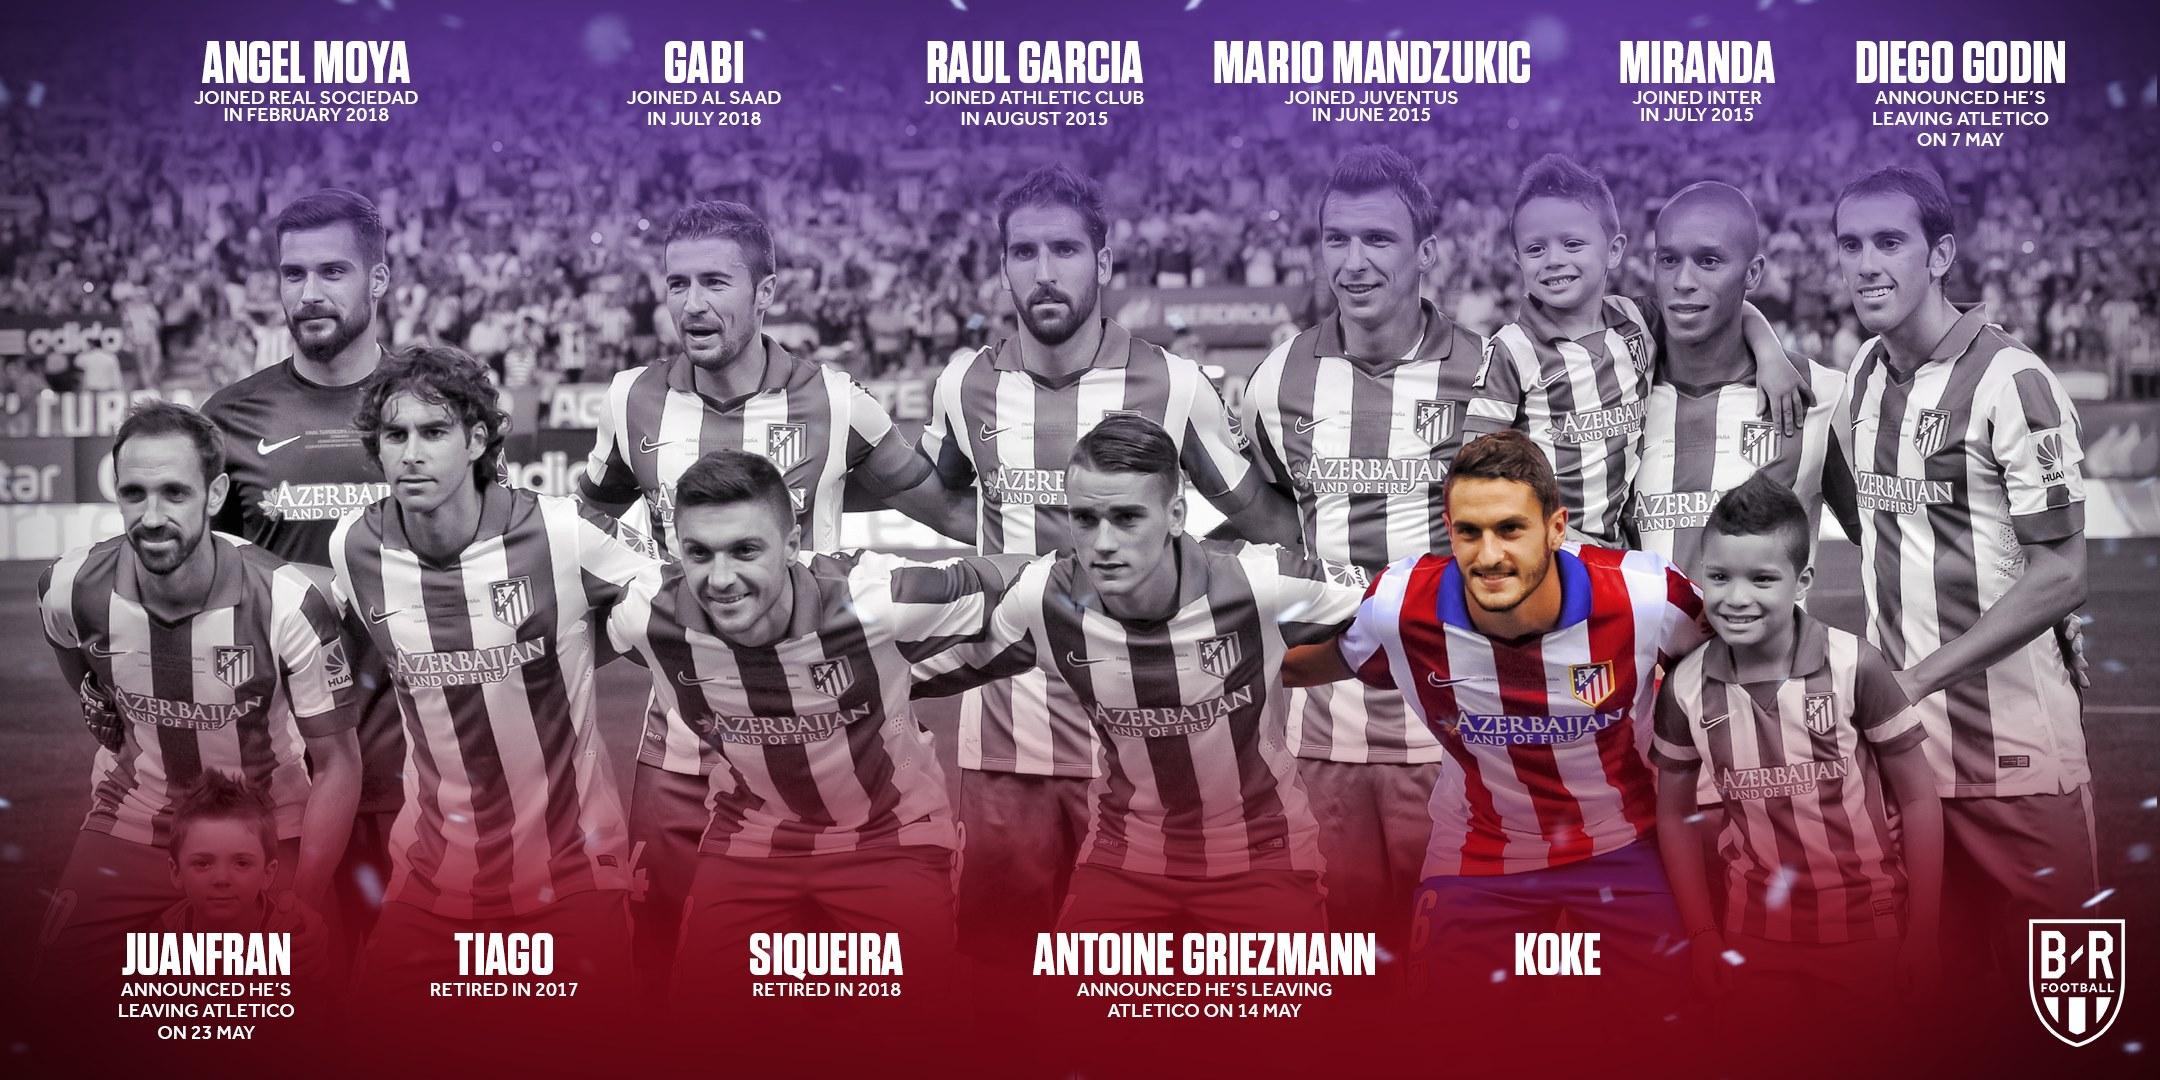 Juanfran rời đi, Atletico chỉ còn 1 cái tên ở chung kết Champions League 2014 - Bóng Đá